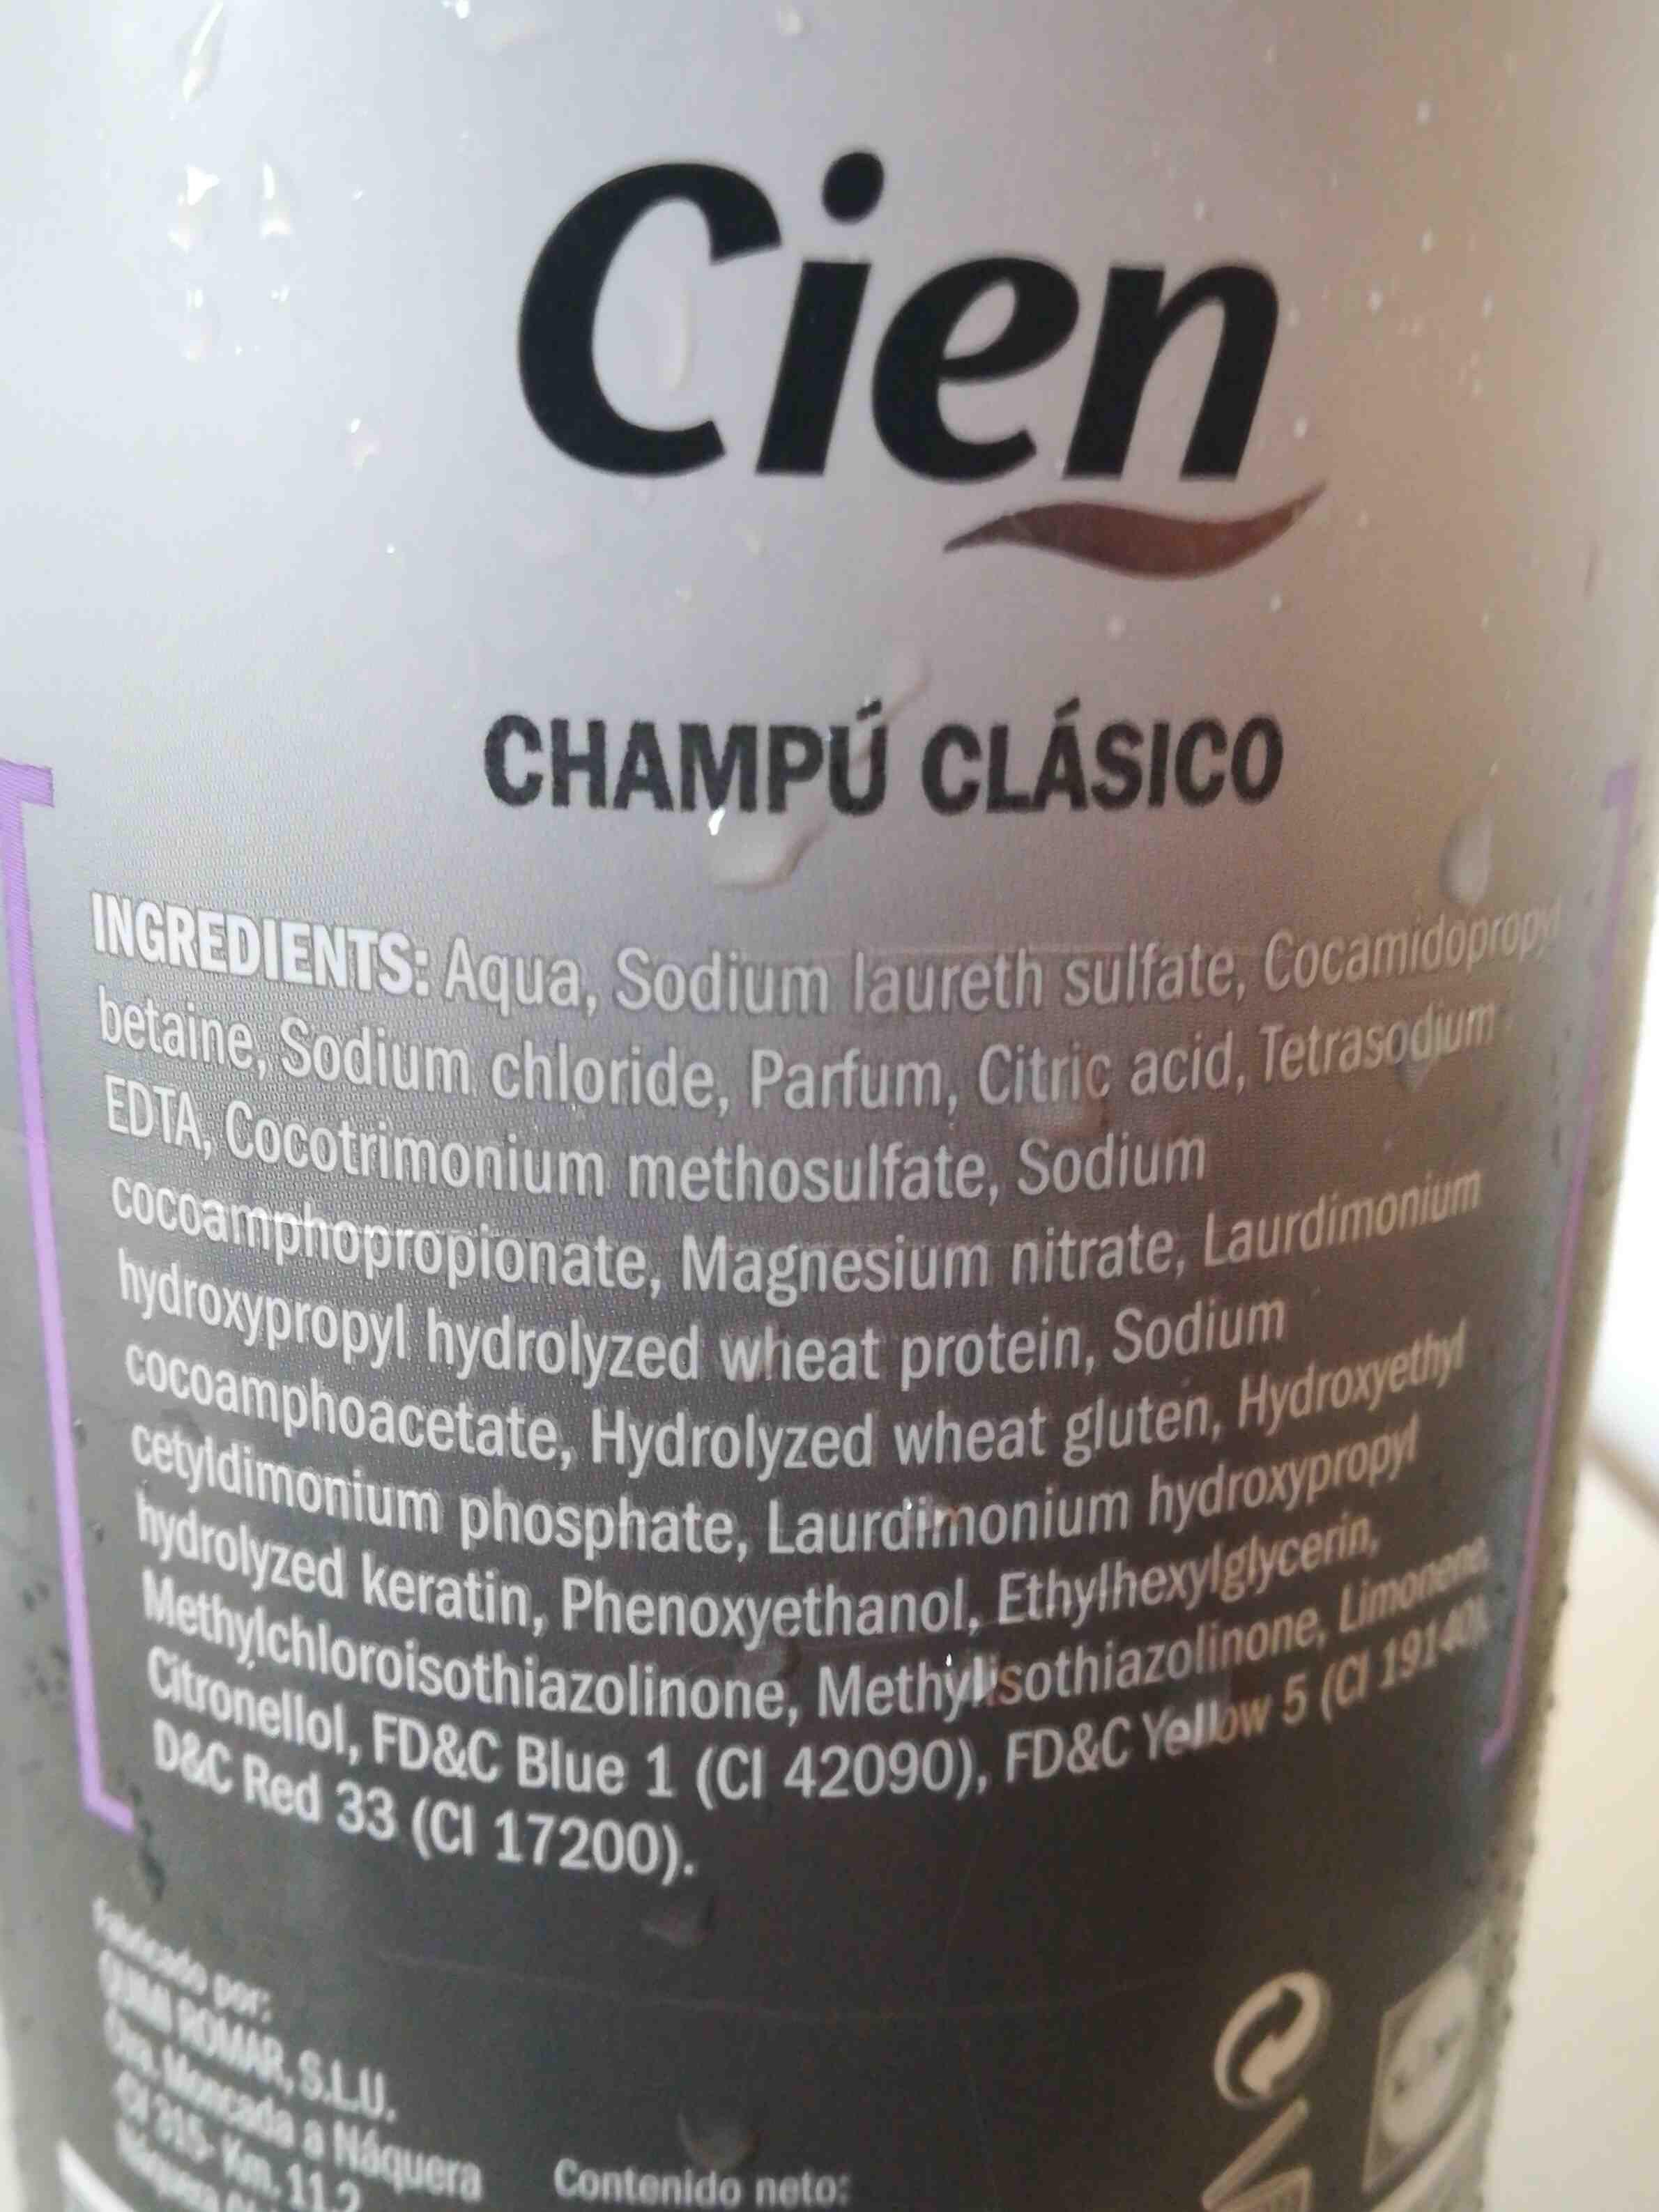 Champu clasico cien - Ingrédients - en